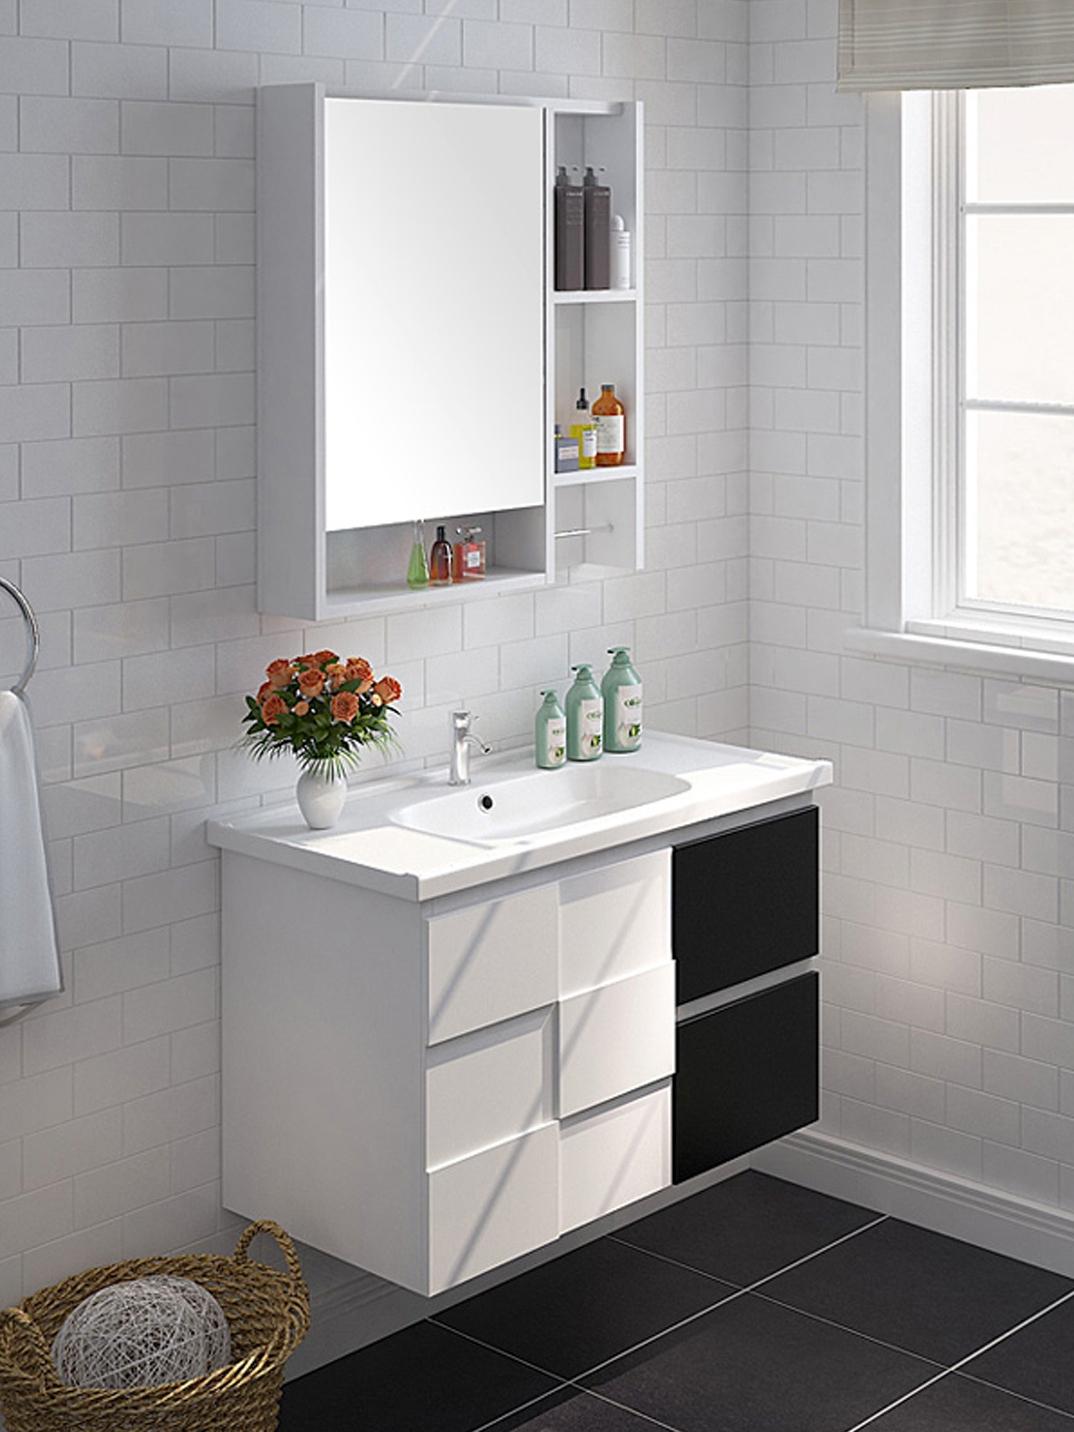 九牧实木现代简约浴室柜洗脸盆柜组合洗漱台卫生间洗手池A2181